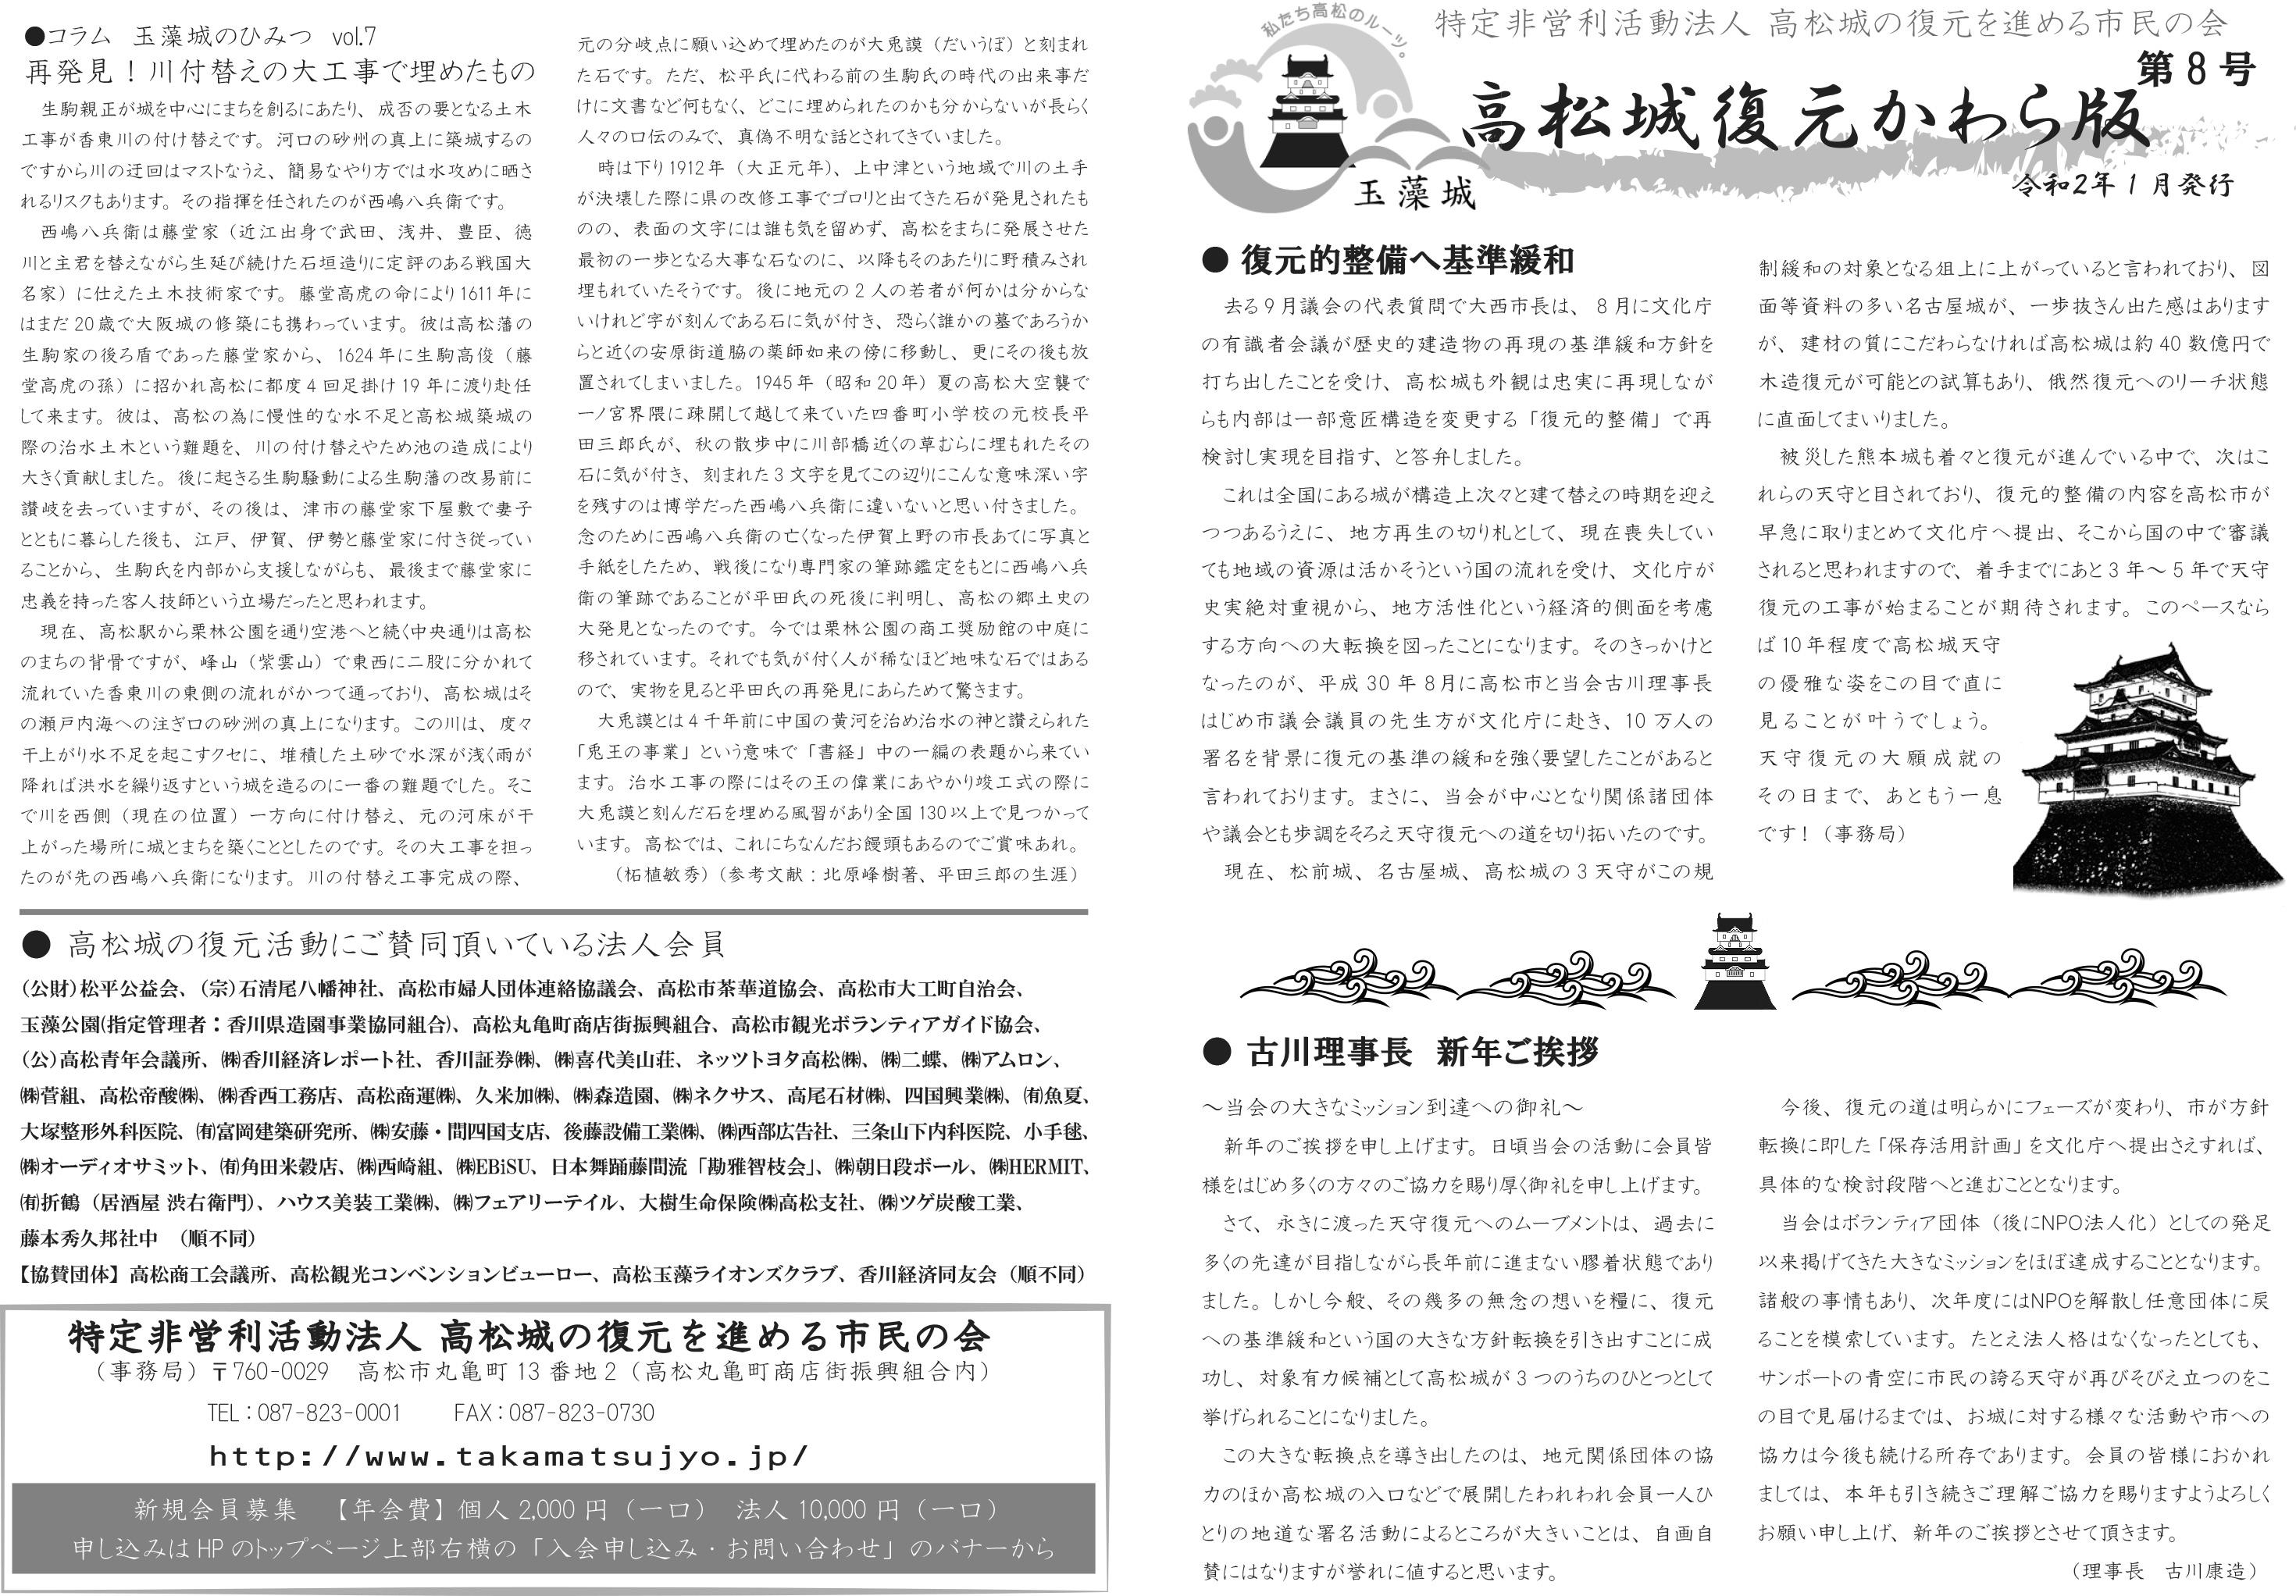 玉藻城復元瓦版第8号2校-(1)-1